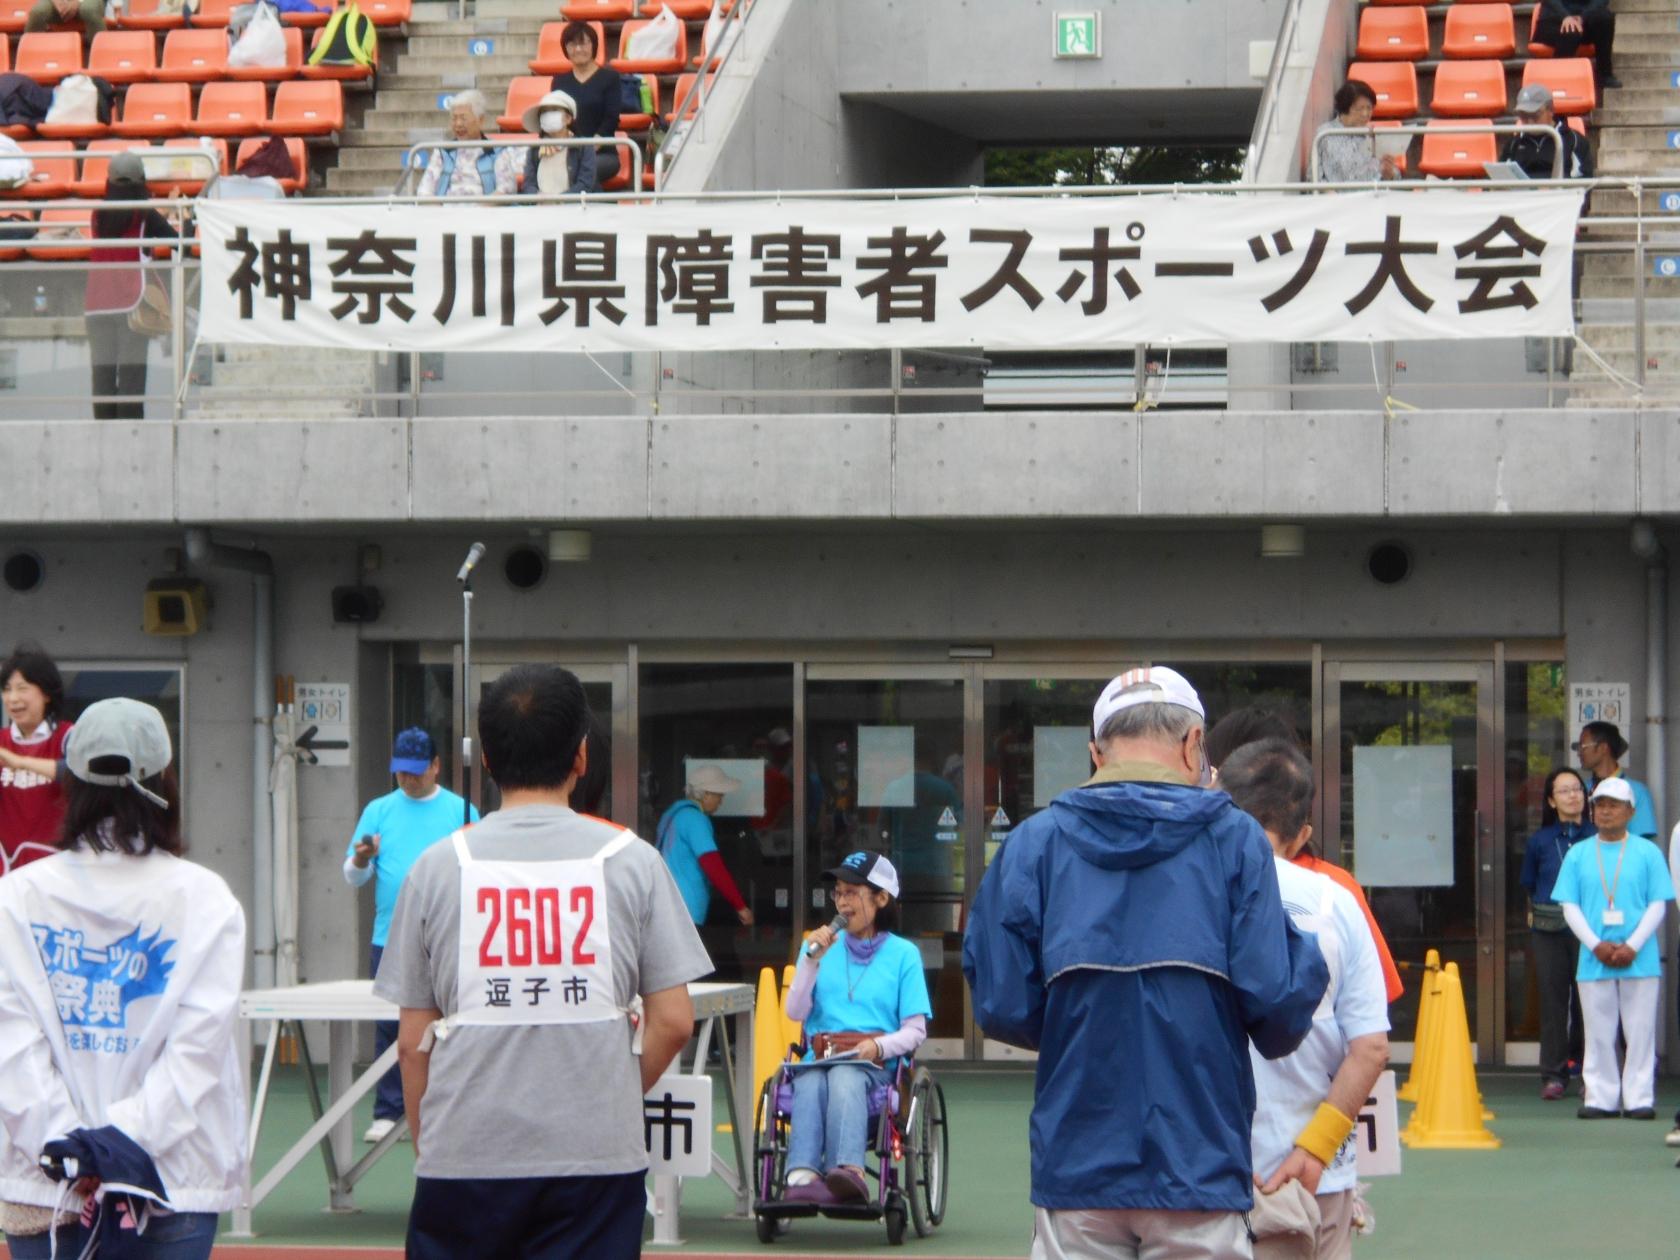 湘南希望の郷から「第12回神奈川県障害者スポーツ大会」の報告です!